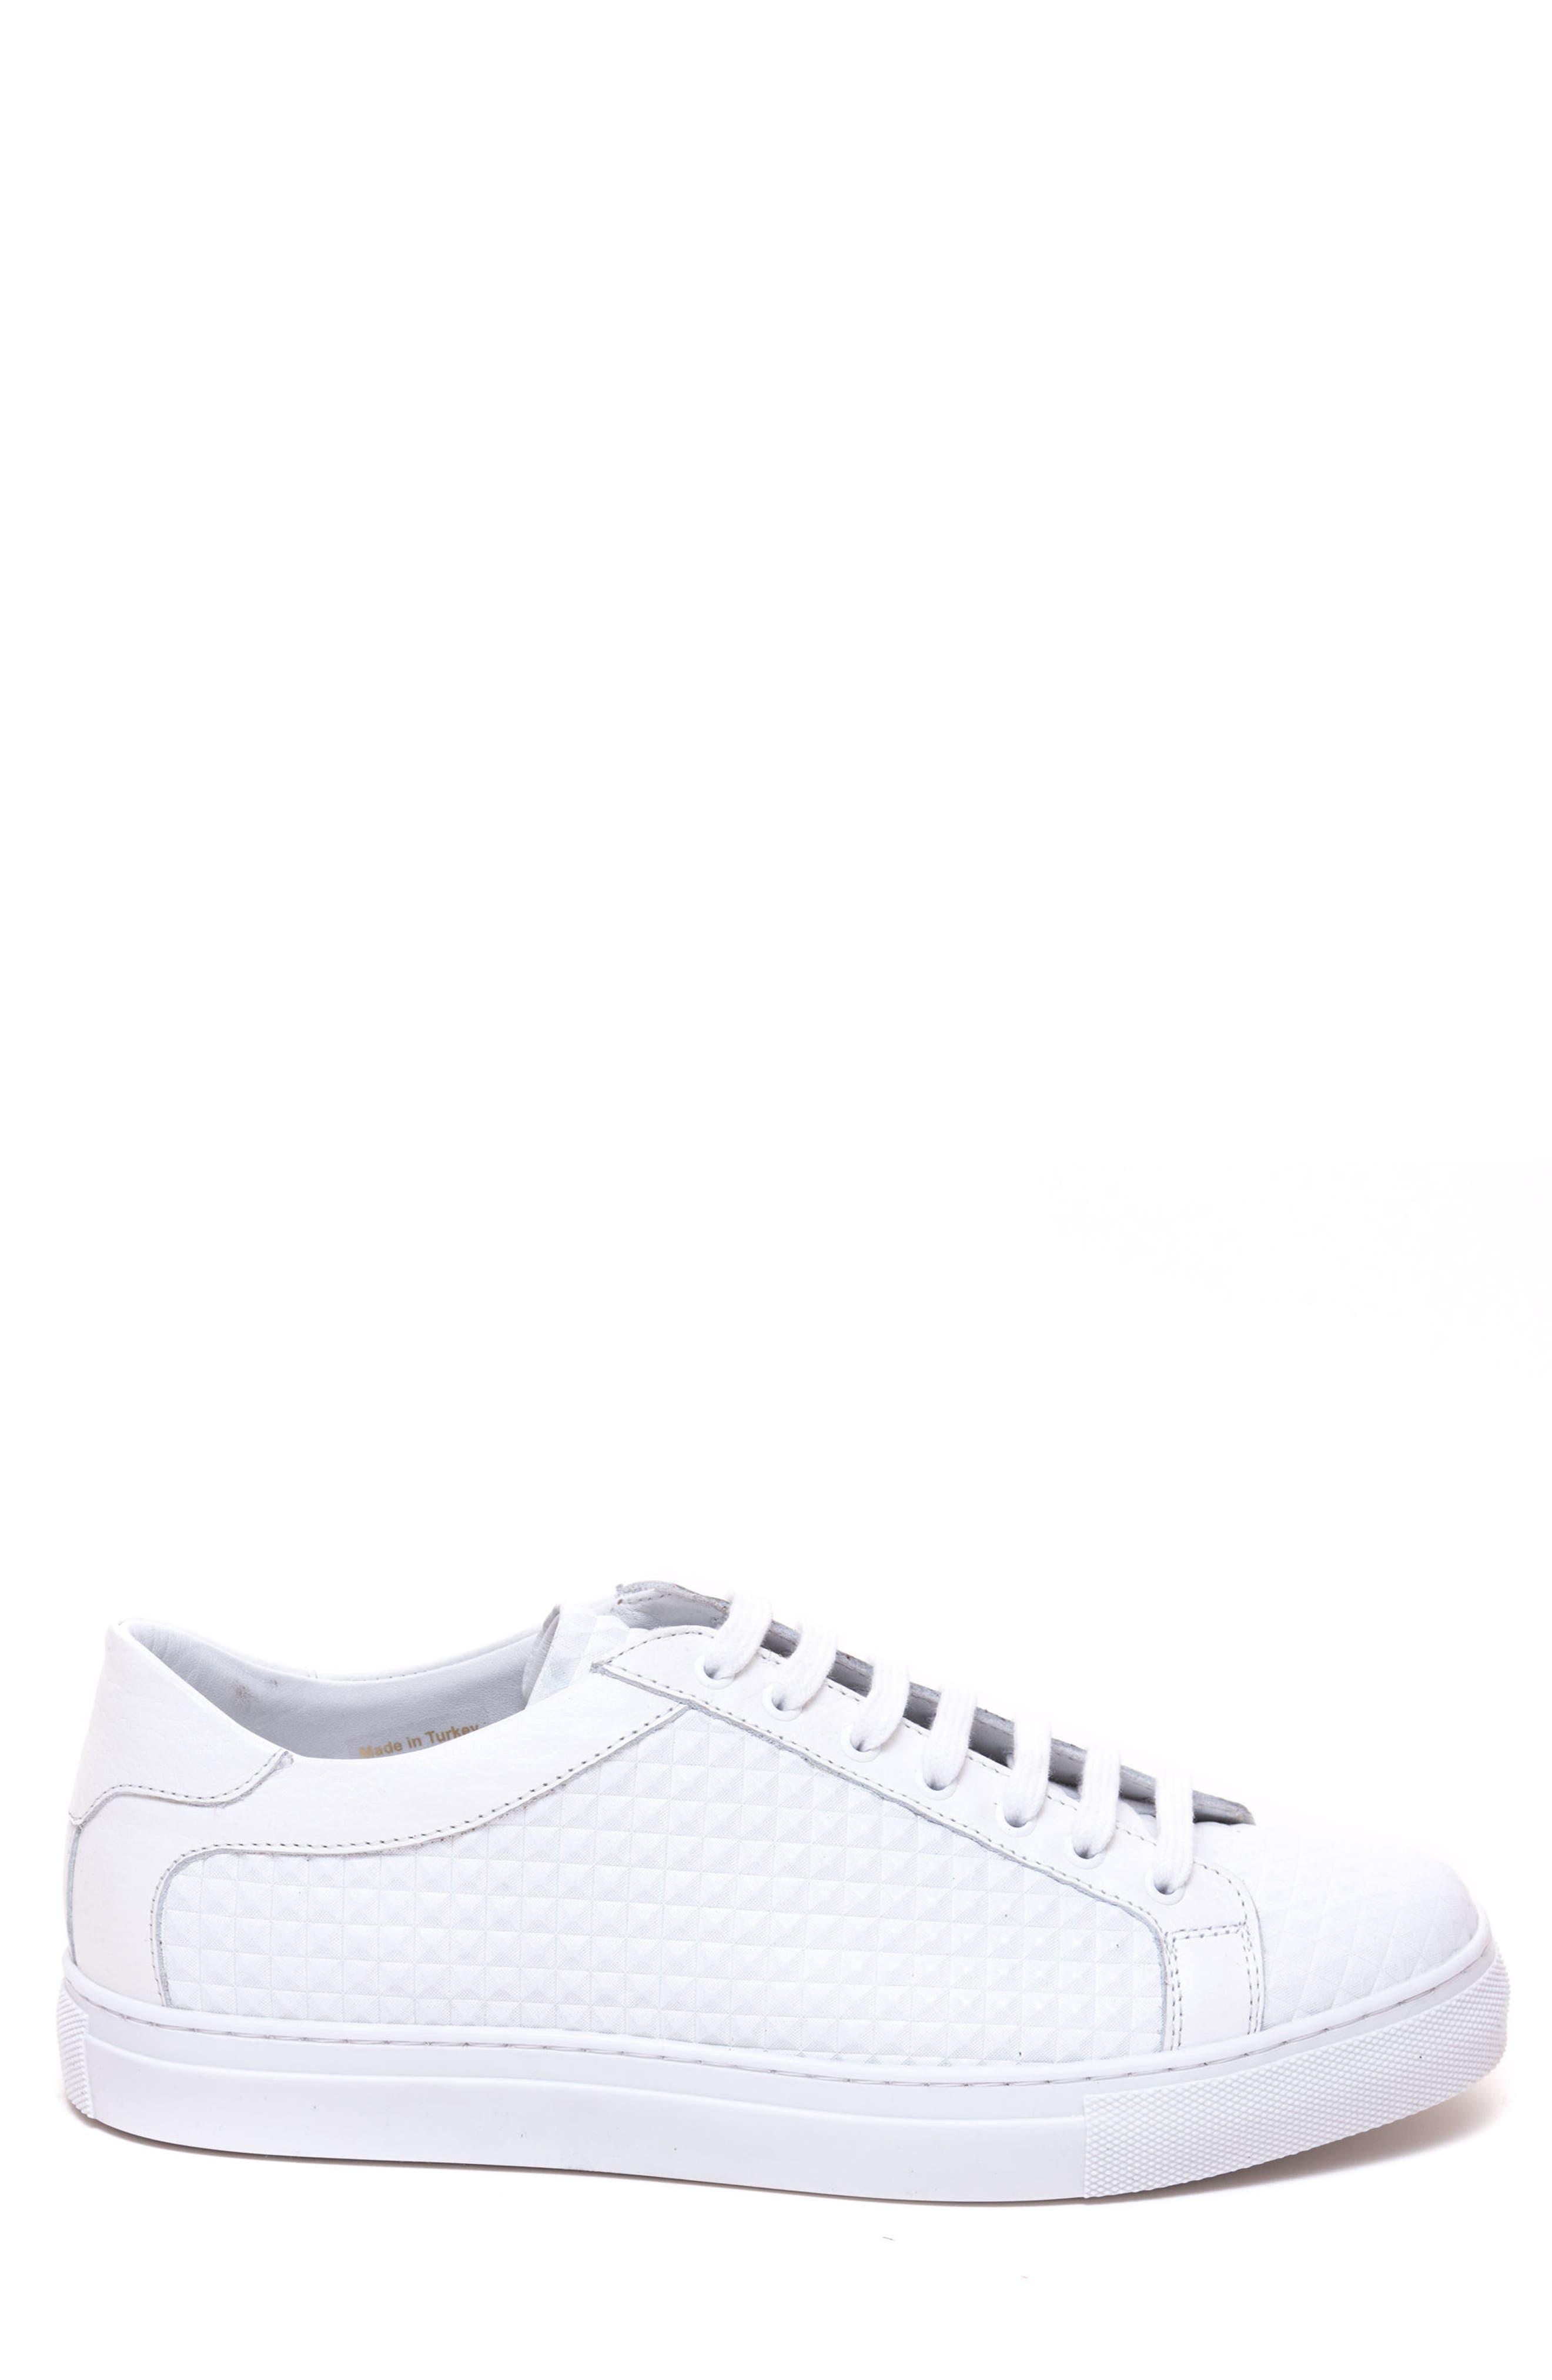 Scott Leather Sneaker,                             Alternate thumbnail 6, color,